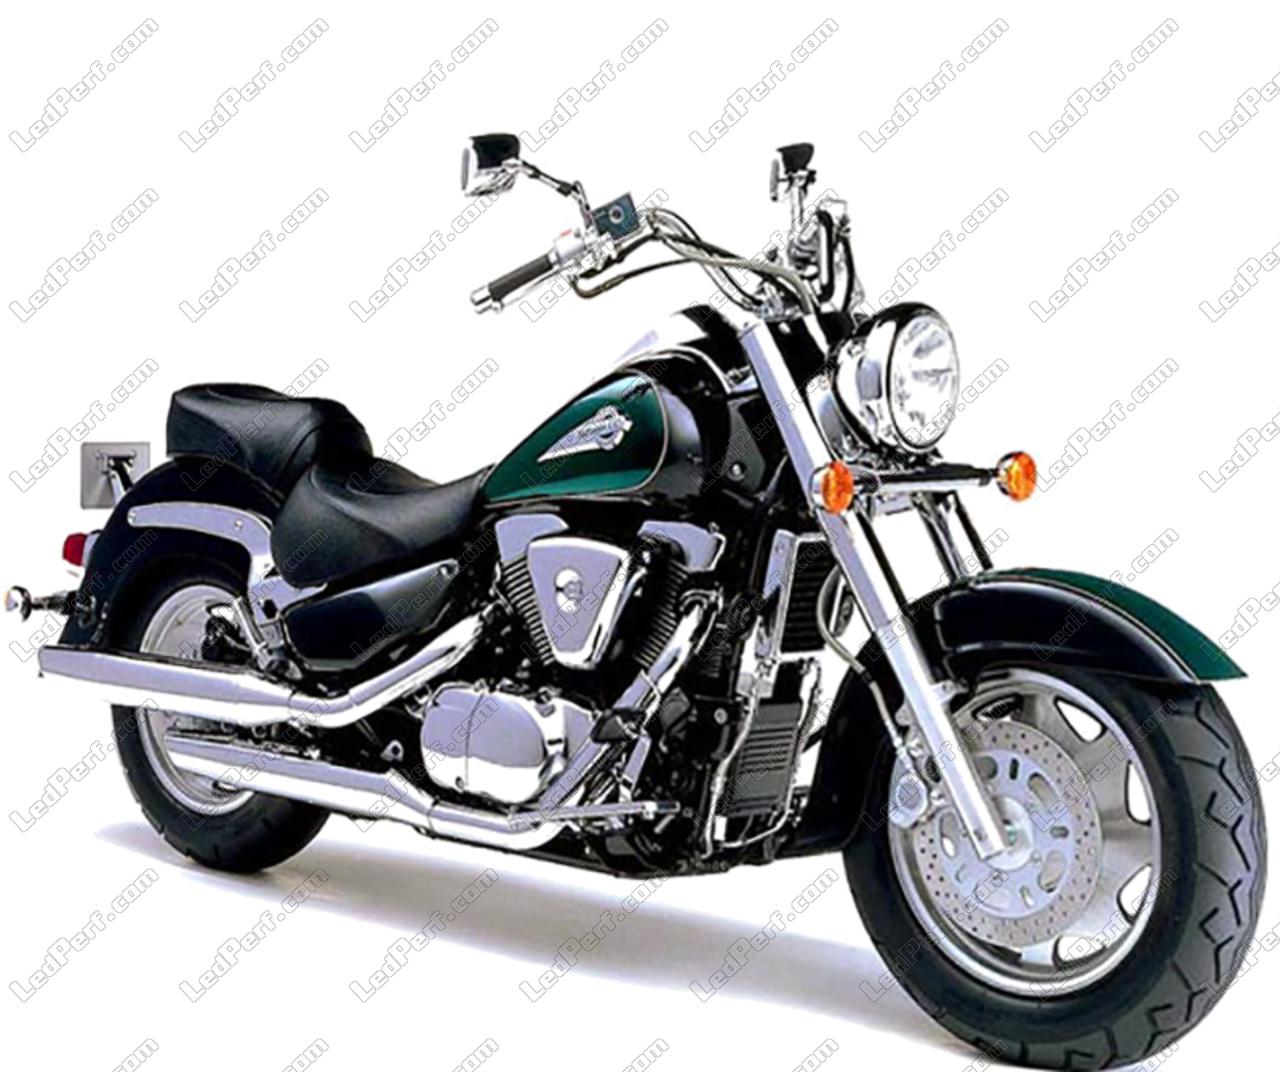 Ampoule Pour 15001998 Intruder Moto Suzuki 2009 Led 5A3LqSc4Rj